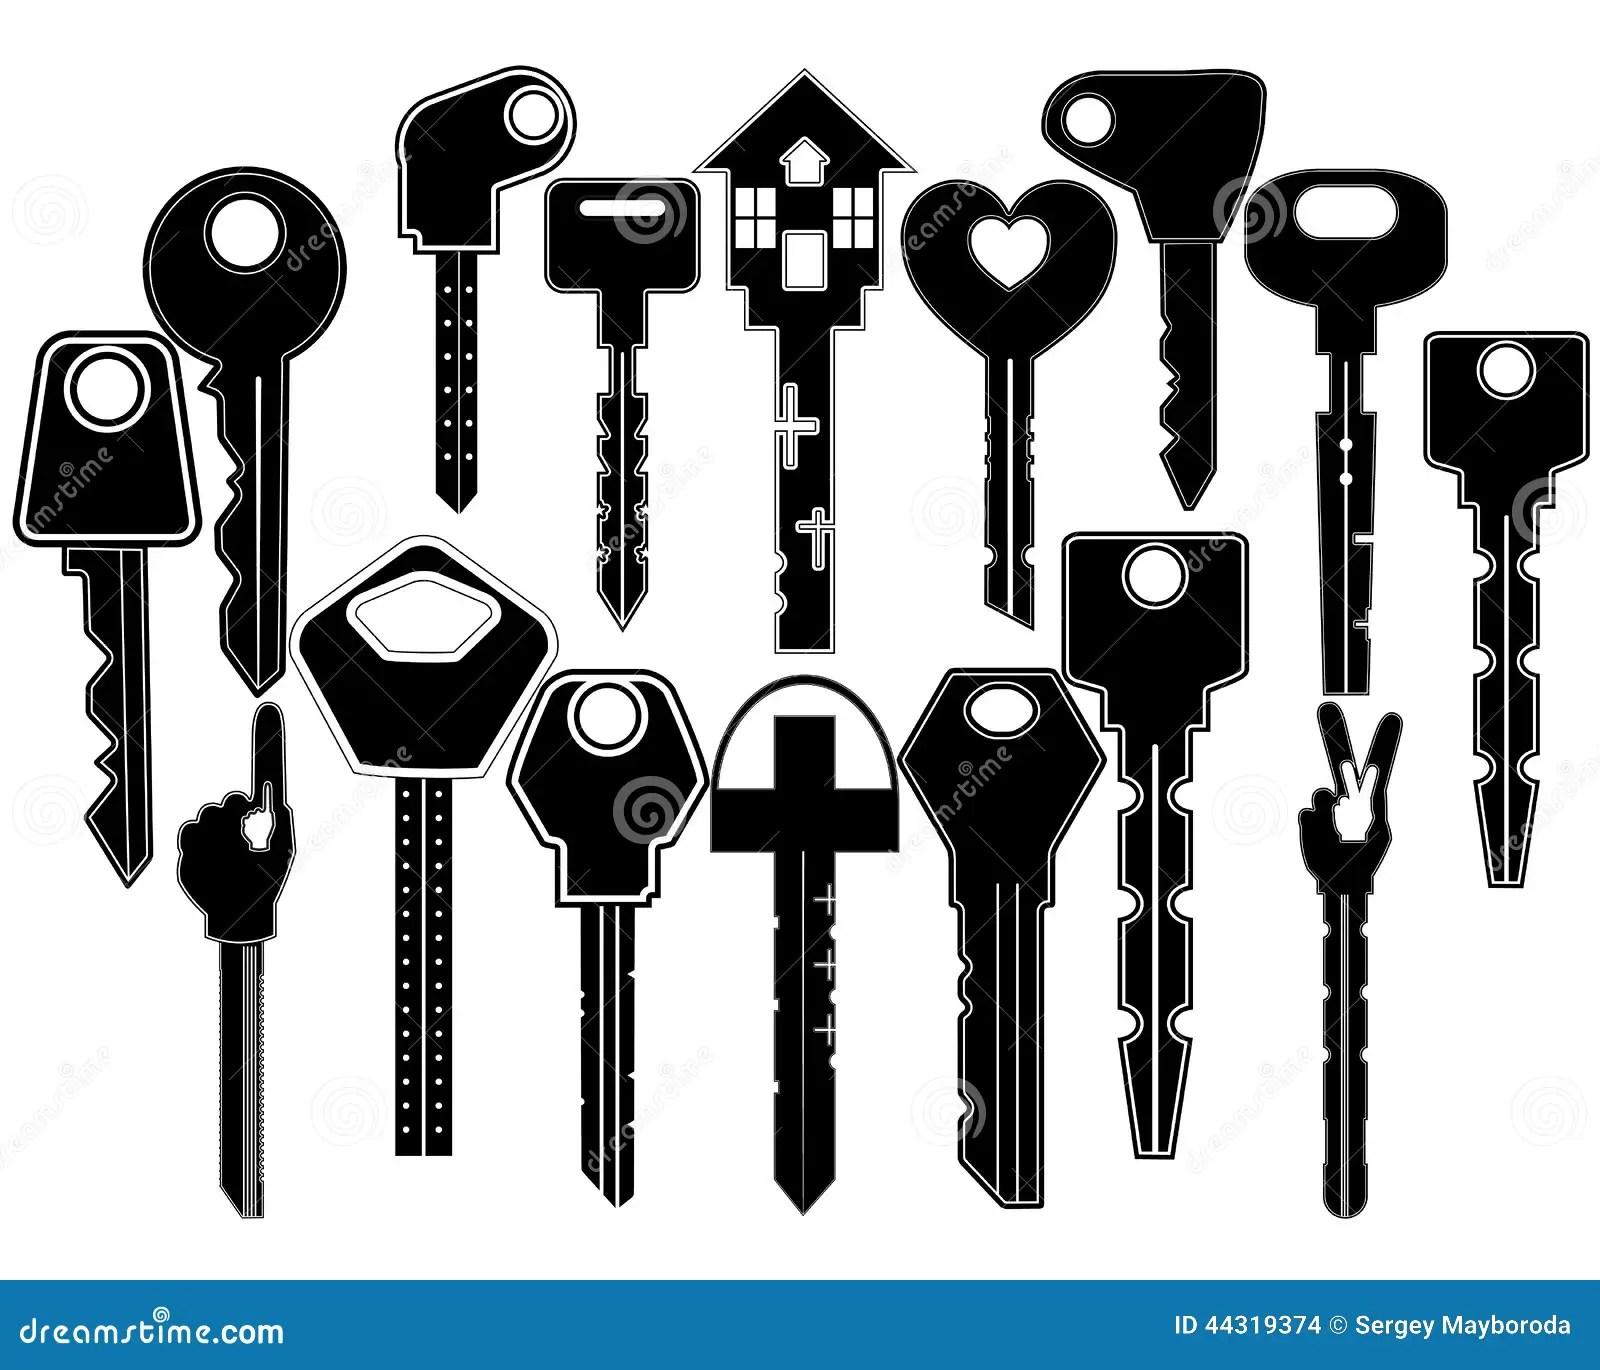 Key To L